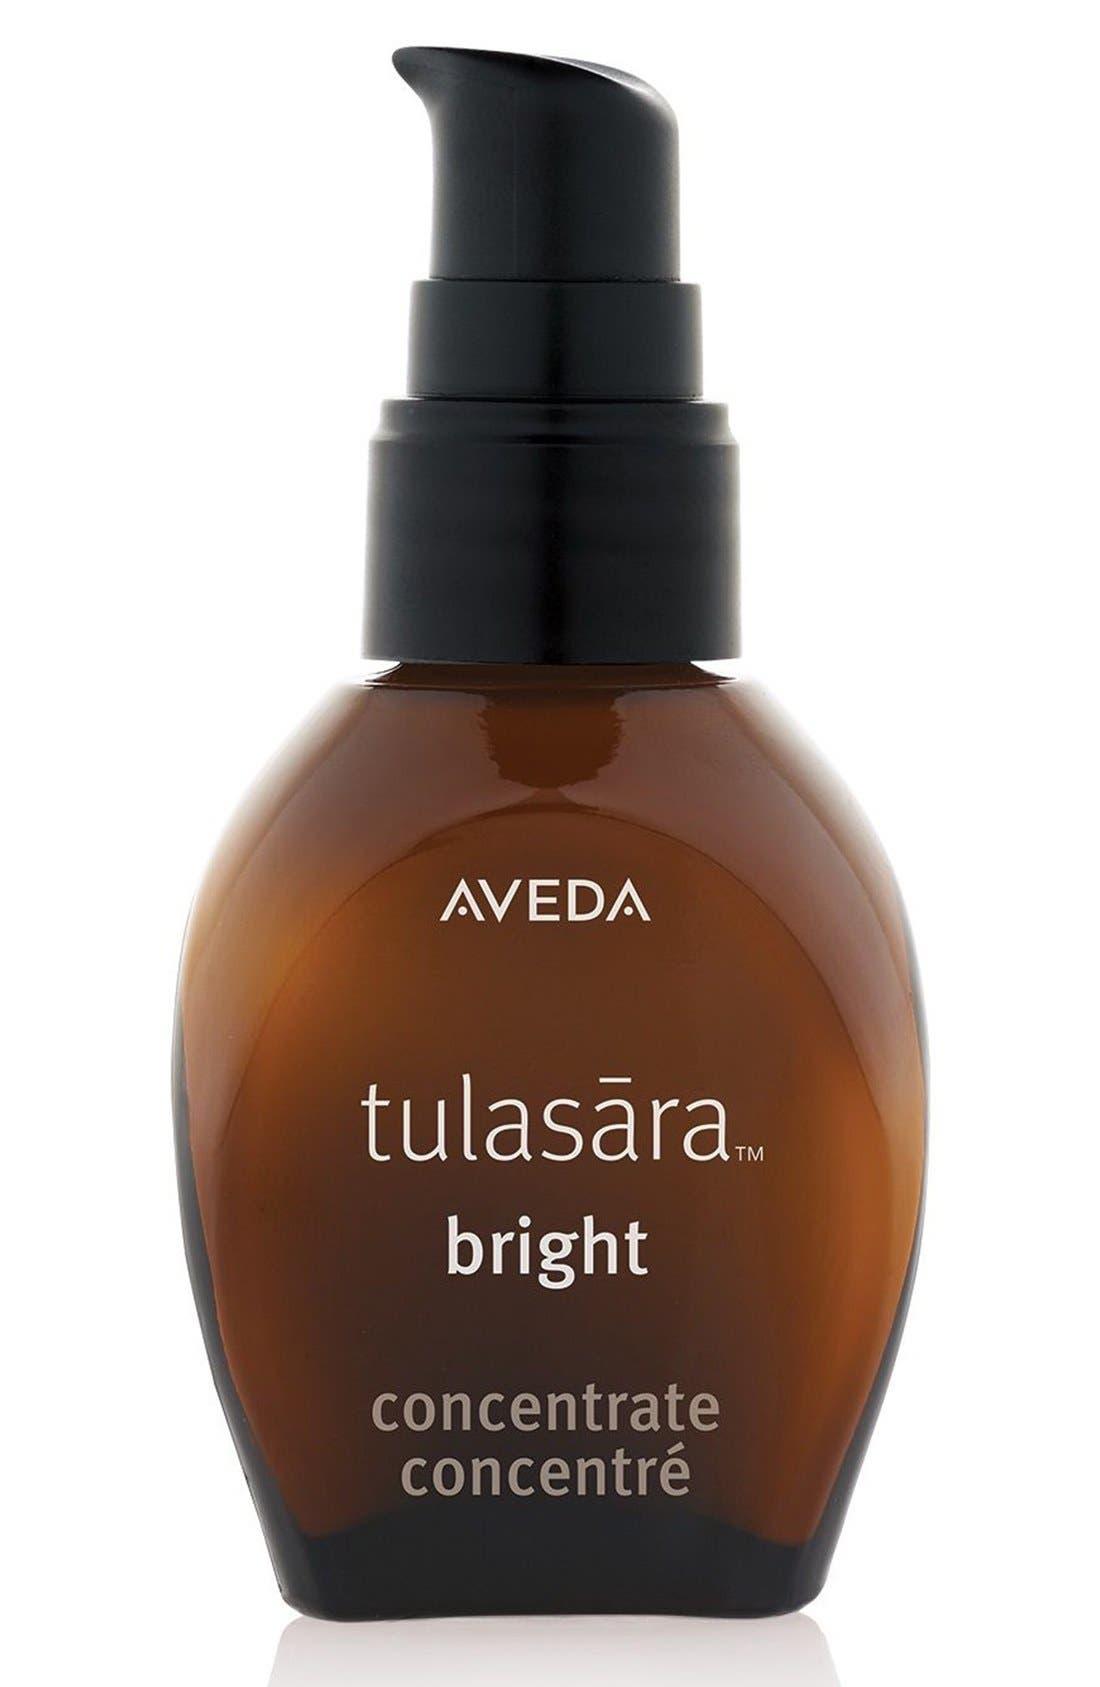 Tulasara(TM) Bright Concentrate